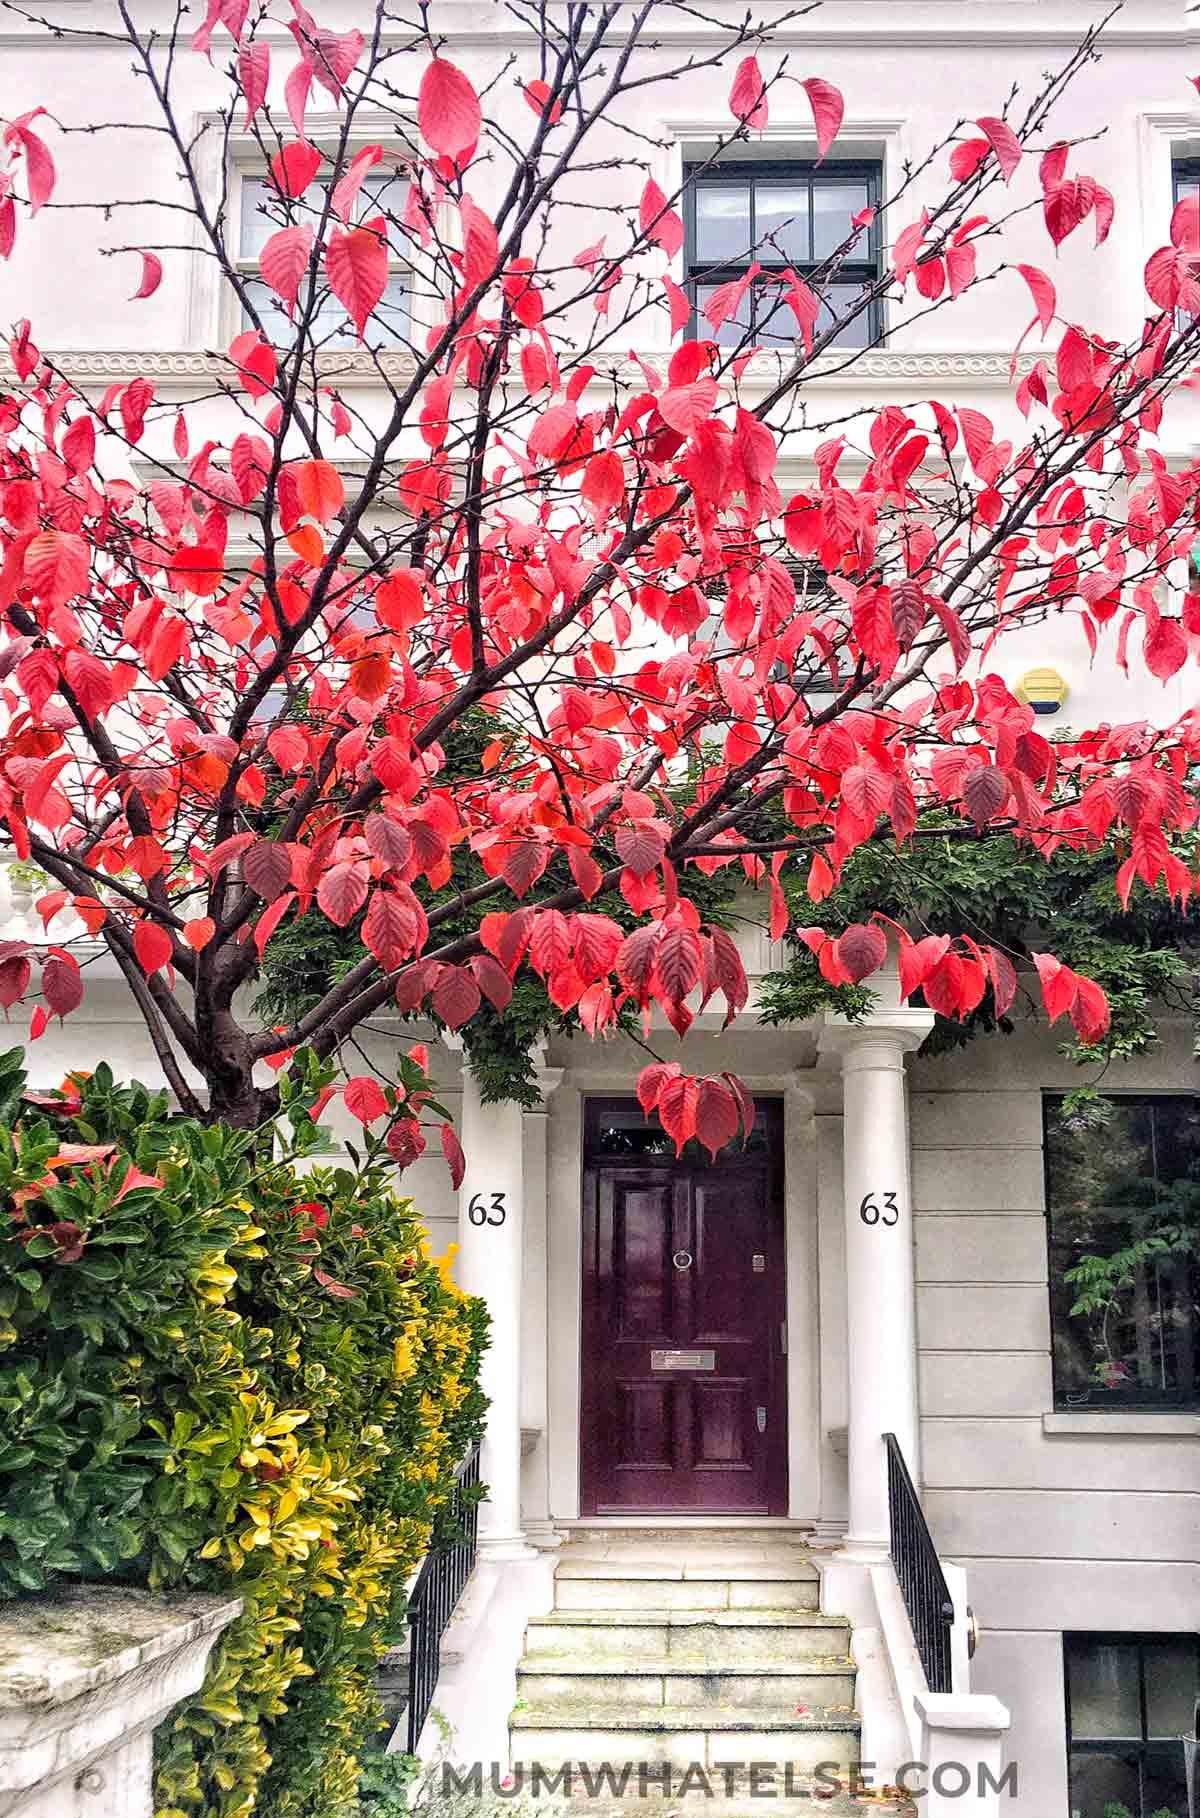 ingresso di una casa vittoriana bianca con un albero con foglie rosse accanto